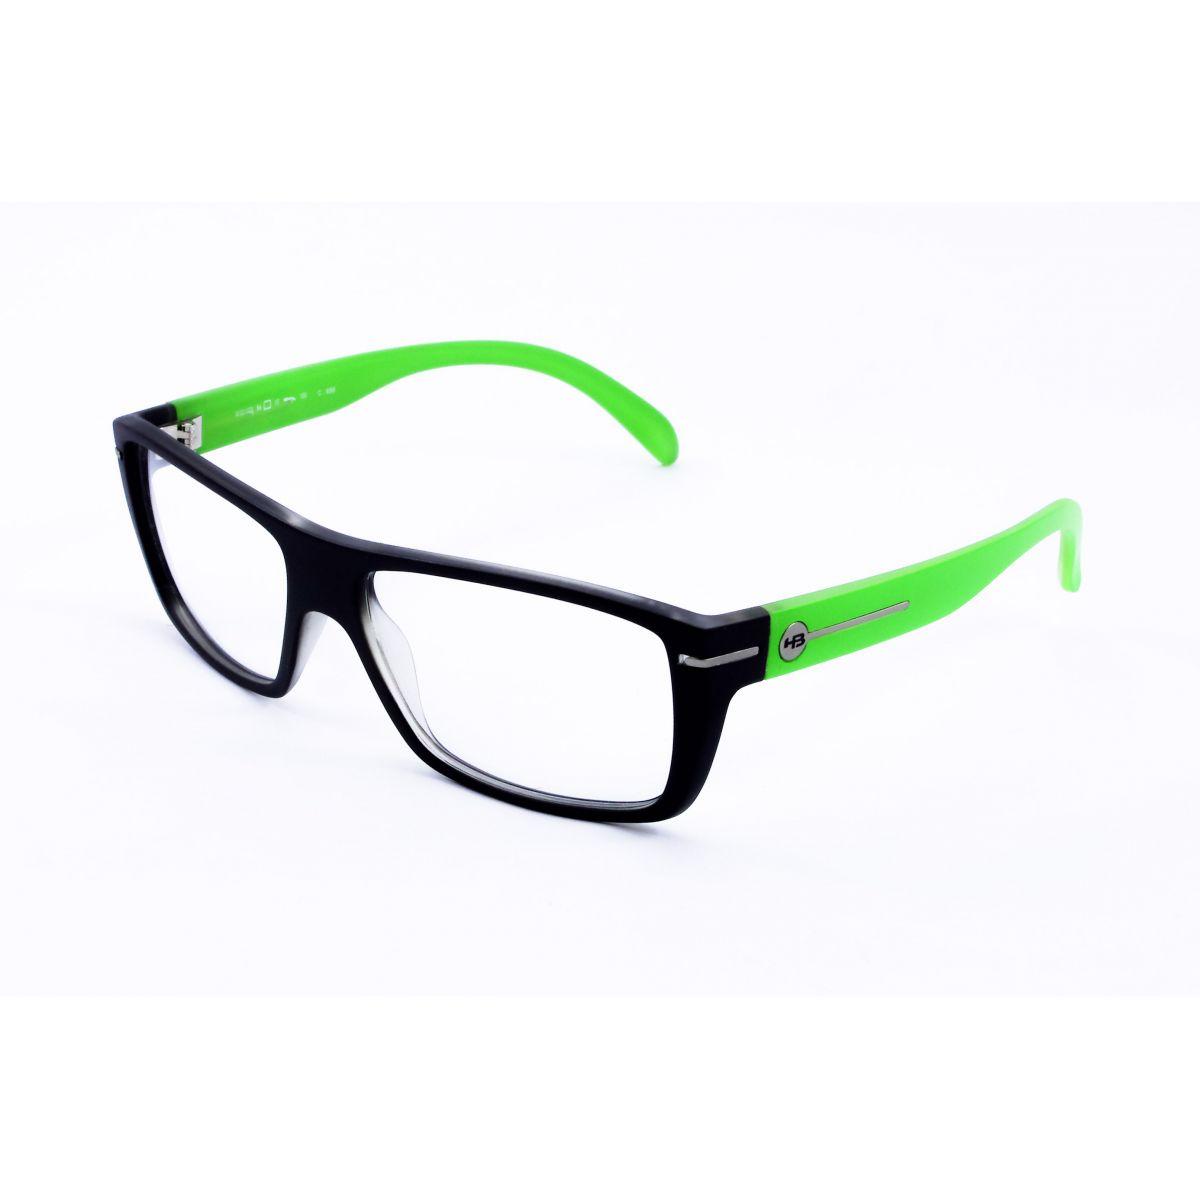 4c241ccaa04b3 Comprar Oculos Oakley Online « Heritage Malta